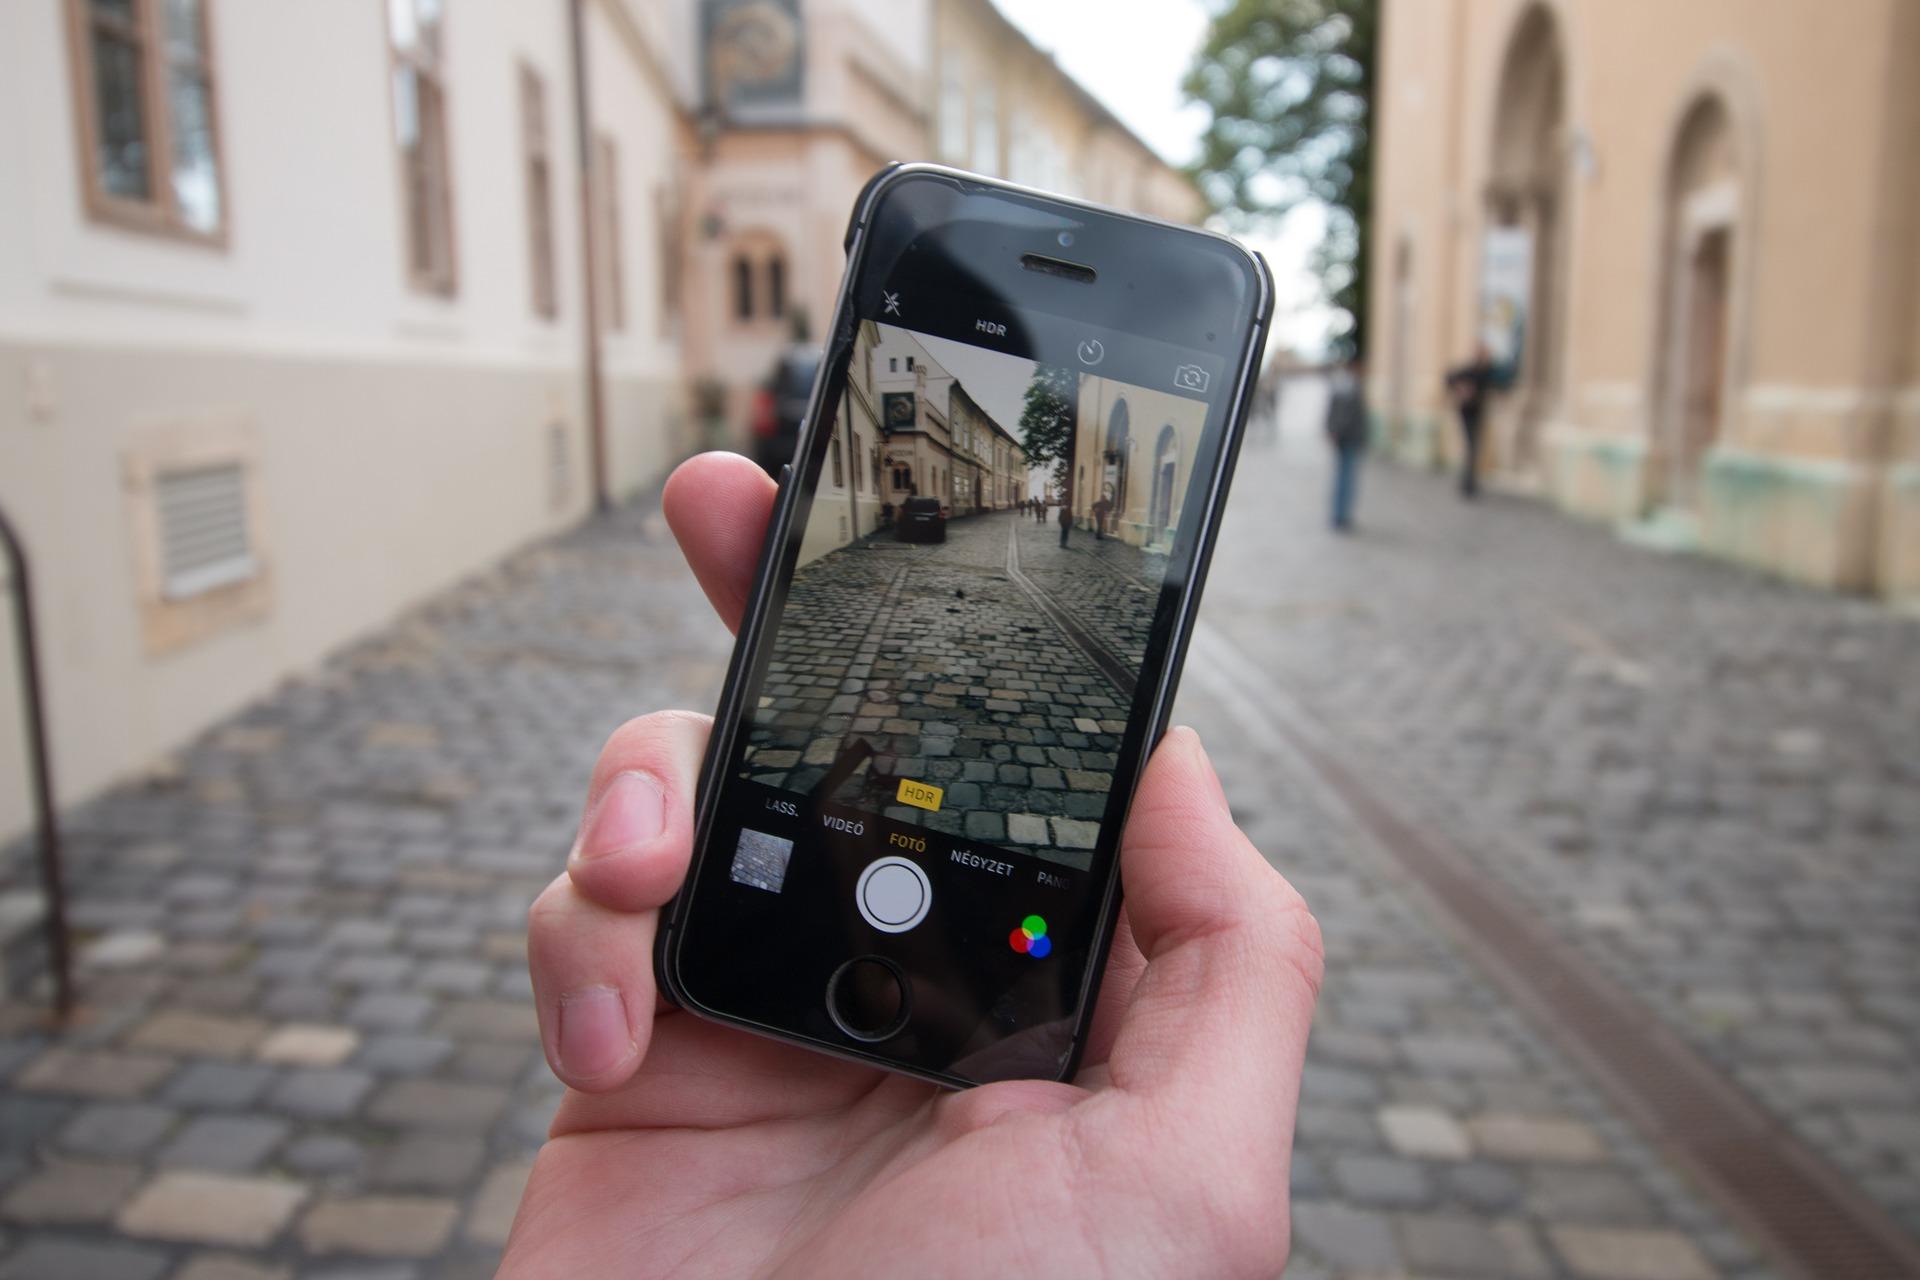 Imagem de uma pessoa segurando um celular em frente a uma rua. Na tela do celular aparece uma imagem dessa mesma rua smart city